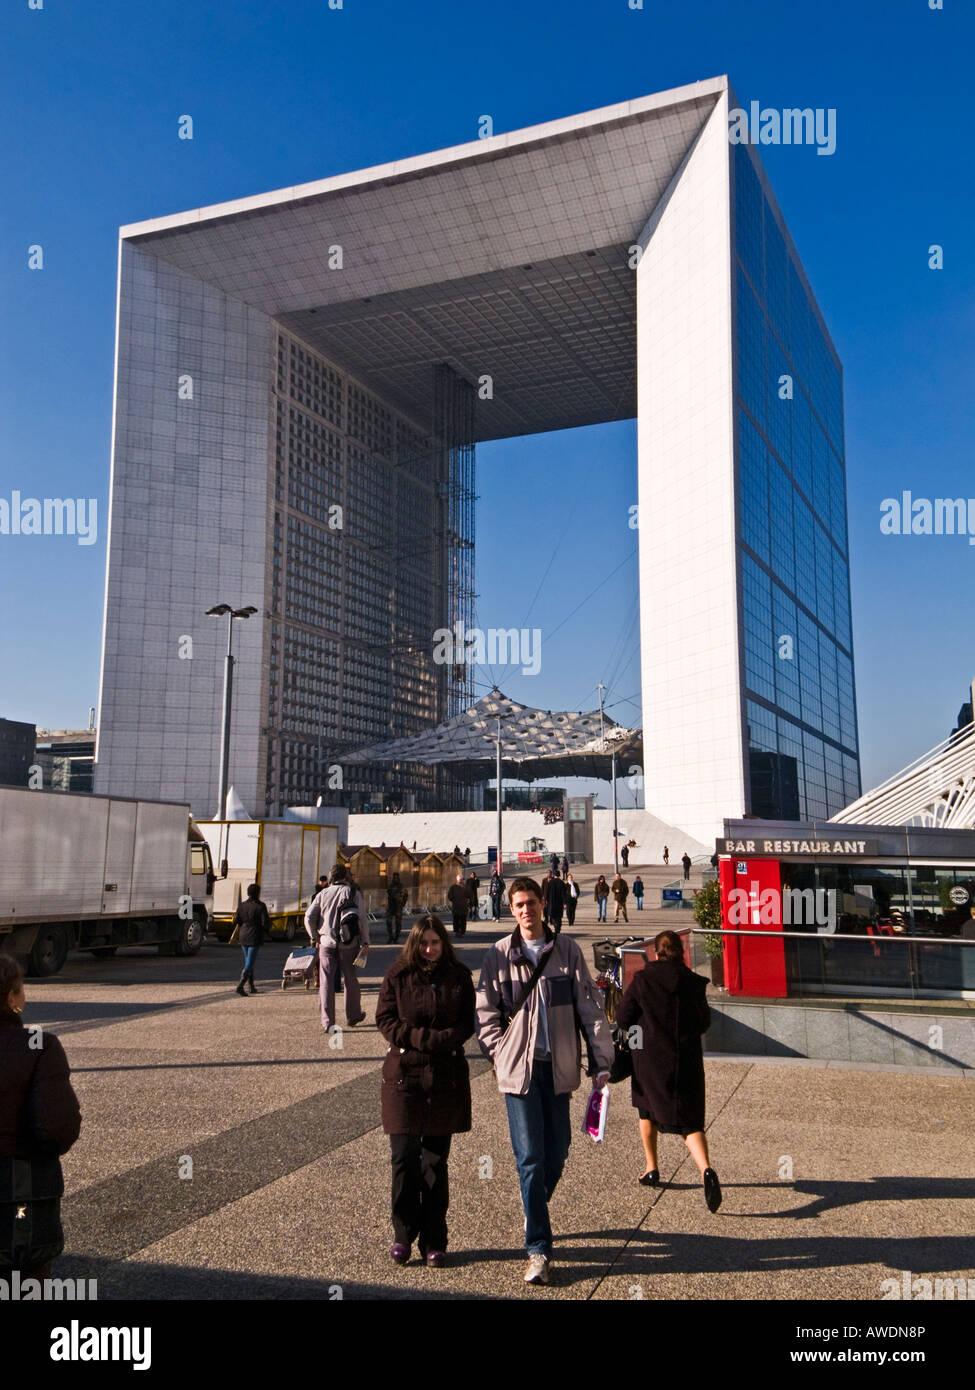 La Defense, Paris, France - Stock Image